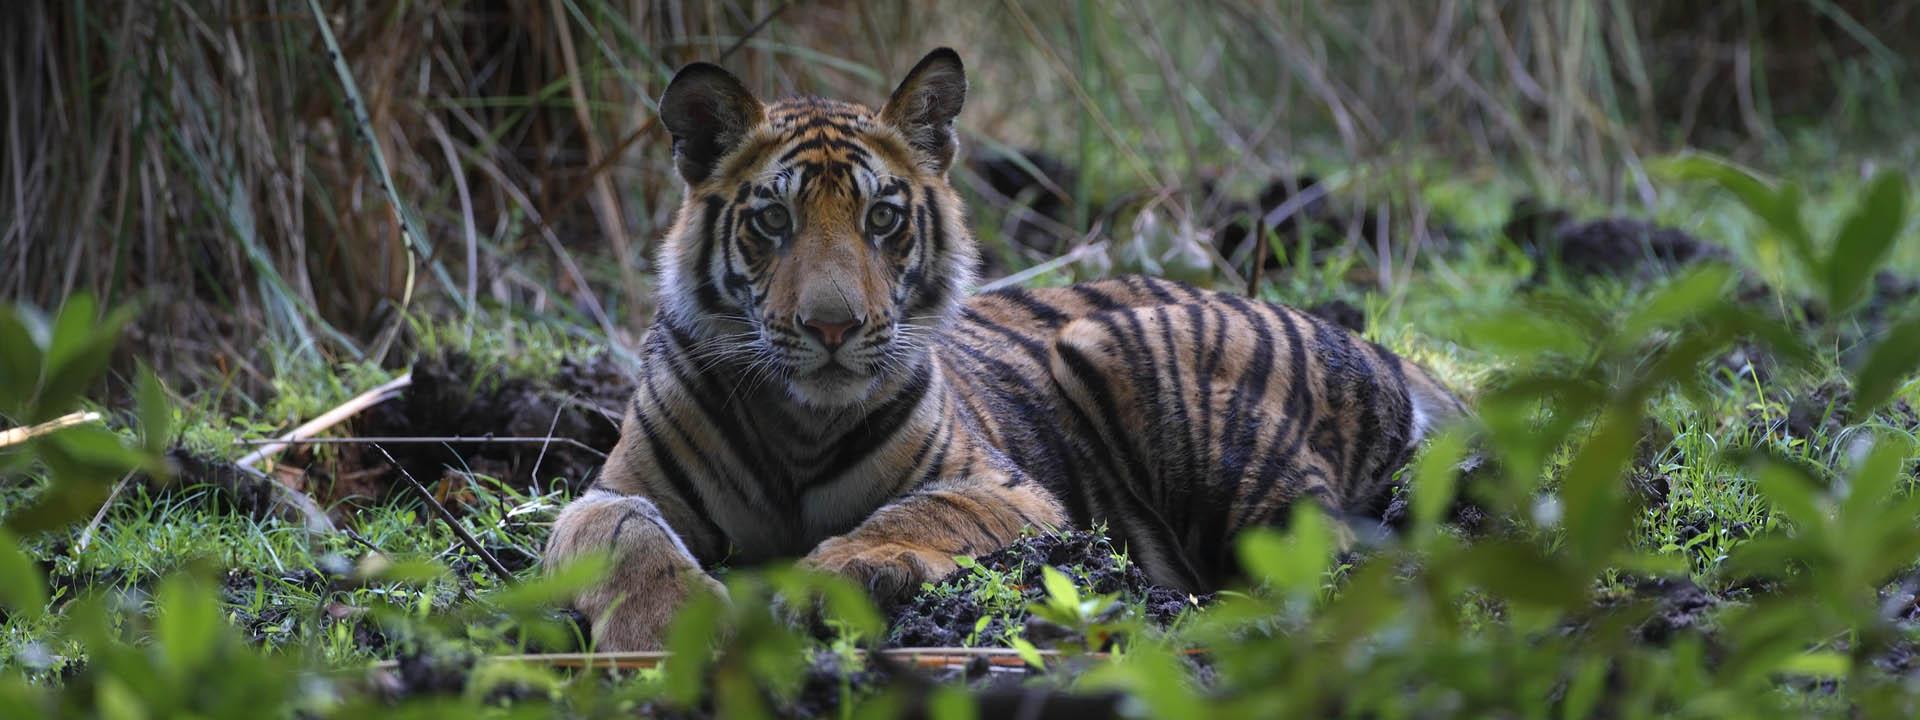 Junger Tiger Bandhavgarh